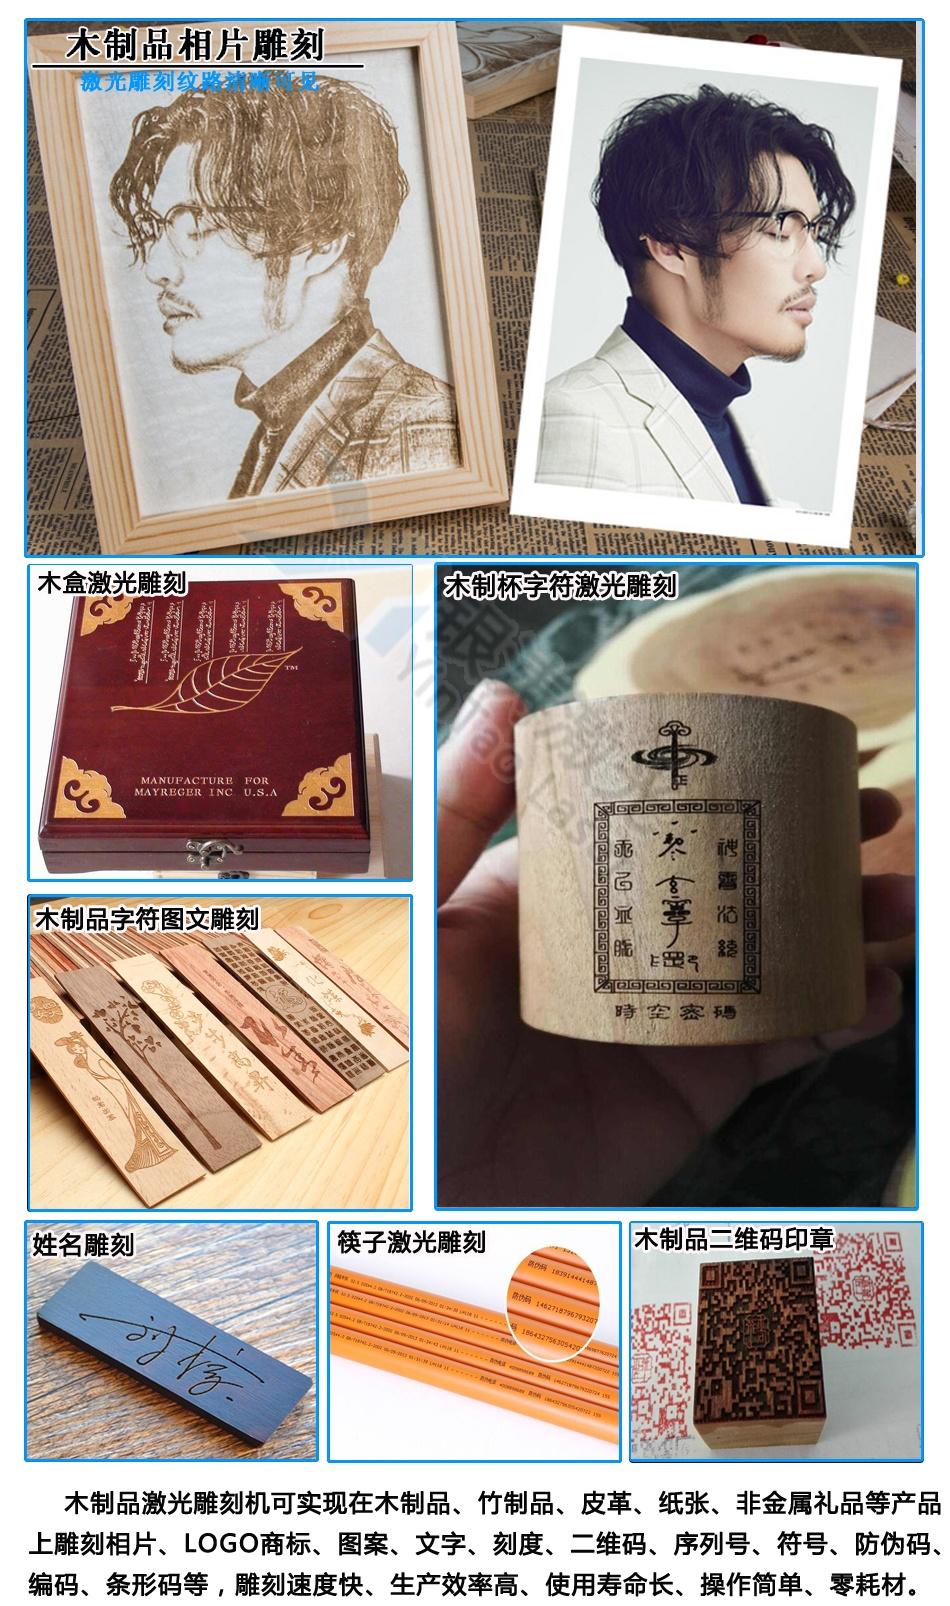 木制品首图模版.jpg